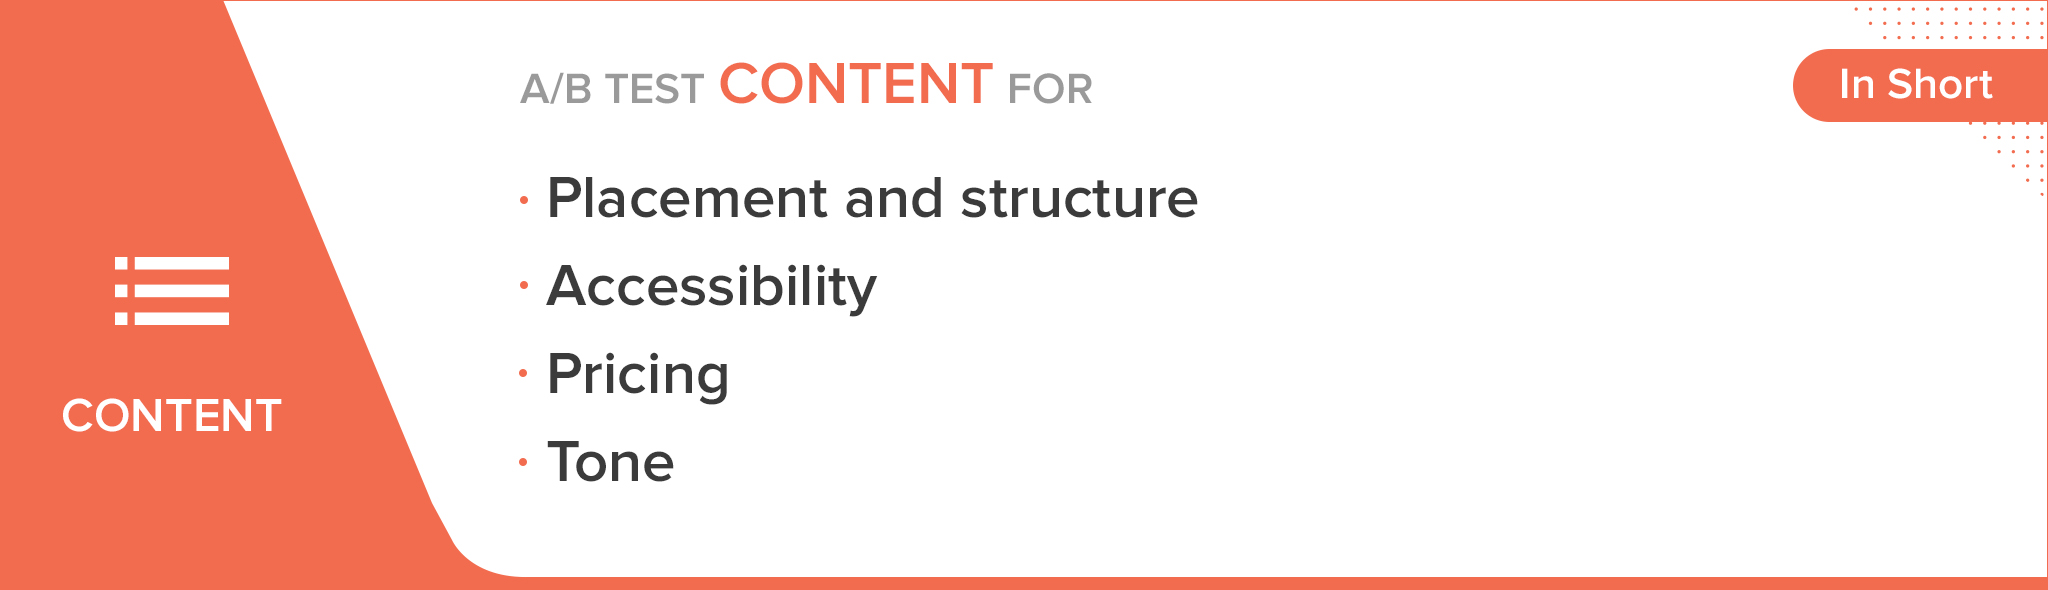 A/B test website content